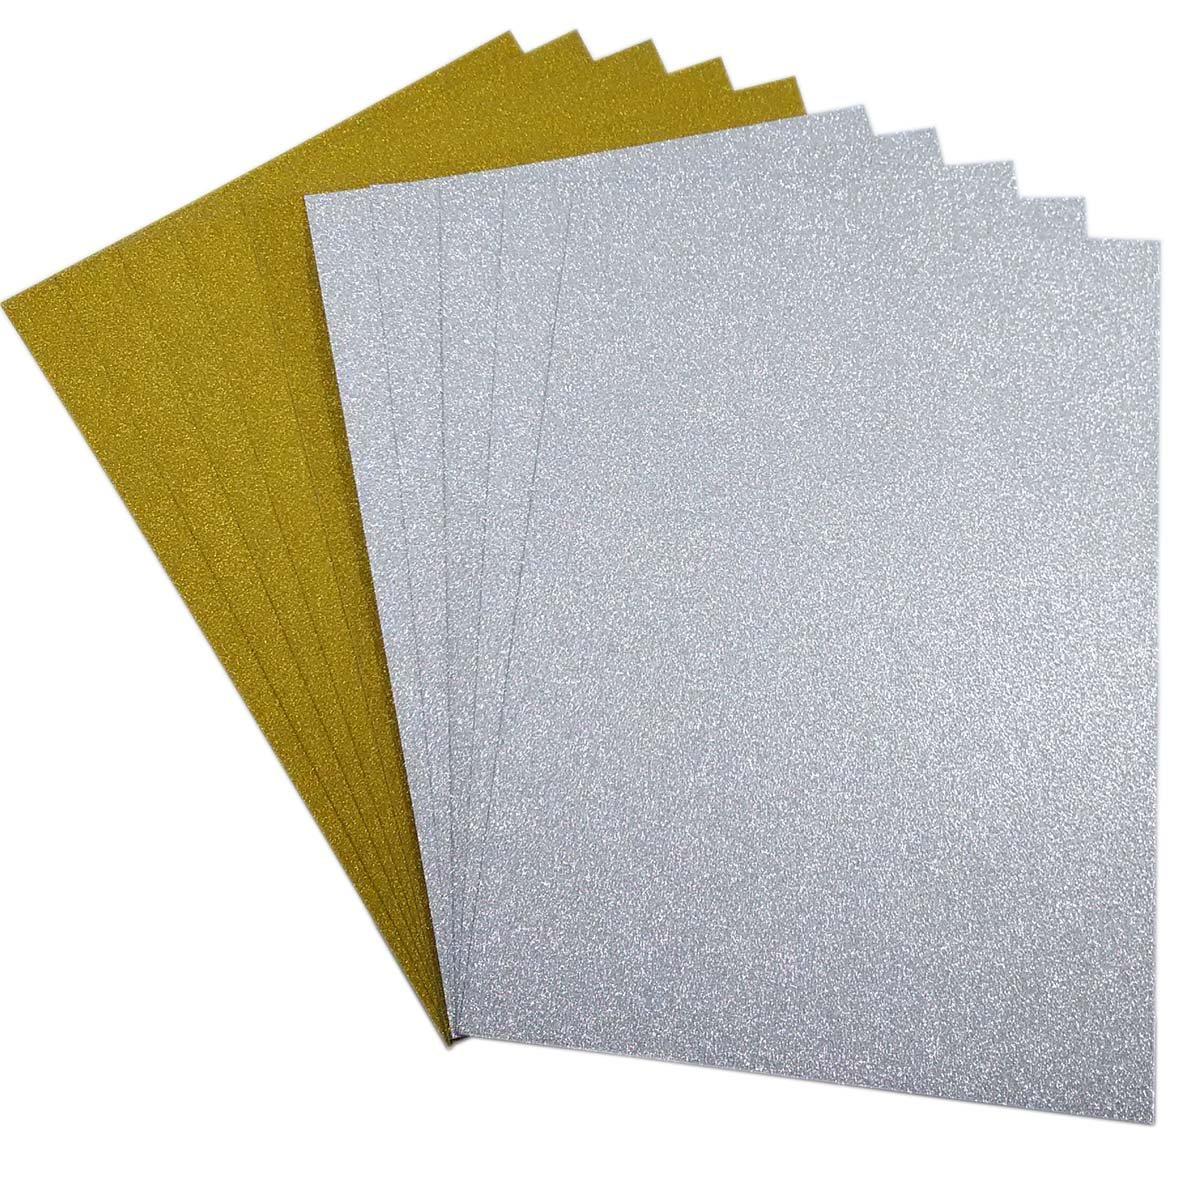 10 pz Carta Glitter Colorata Cartoncini Glitter Glitterati Fogli Glitter A4 Cartoncini Colorati A4 Carte Fogli Colorati Glitter DIY per Lavoretti 5Oro+5Argento SuperHandwerk VV1-GLI001Gold+Silver